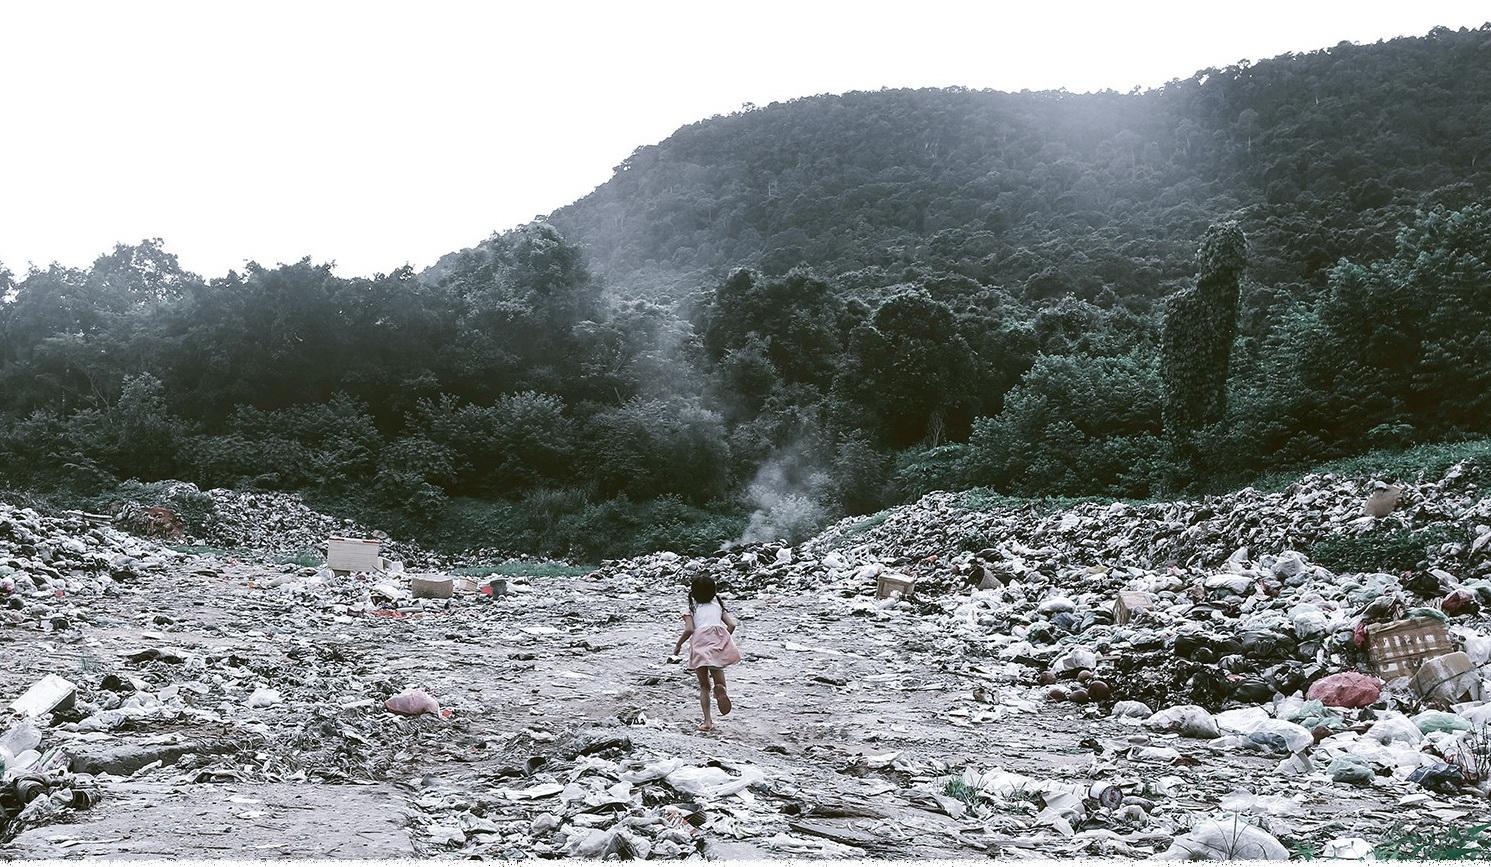 Underprivileged children on 'Pearl Island' of Vietnam